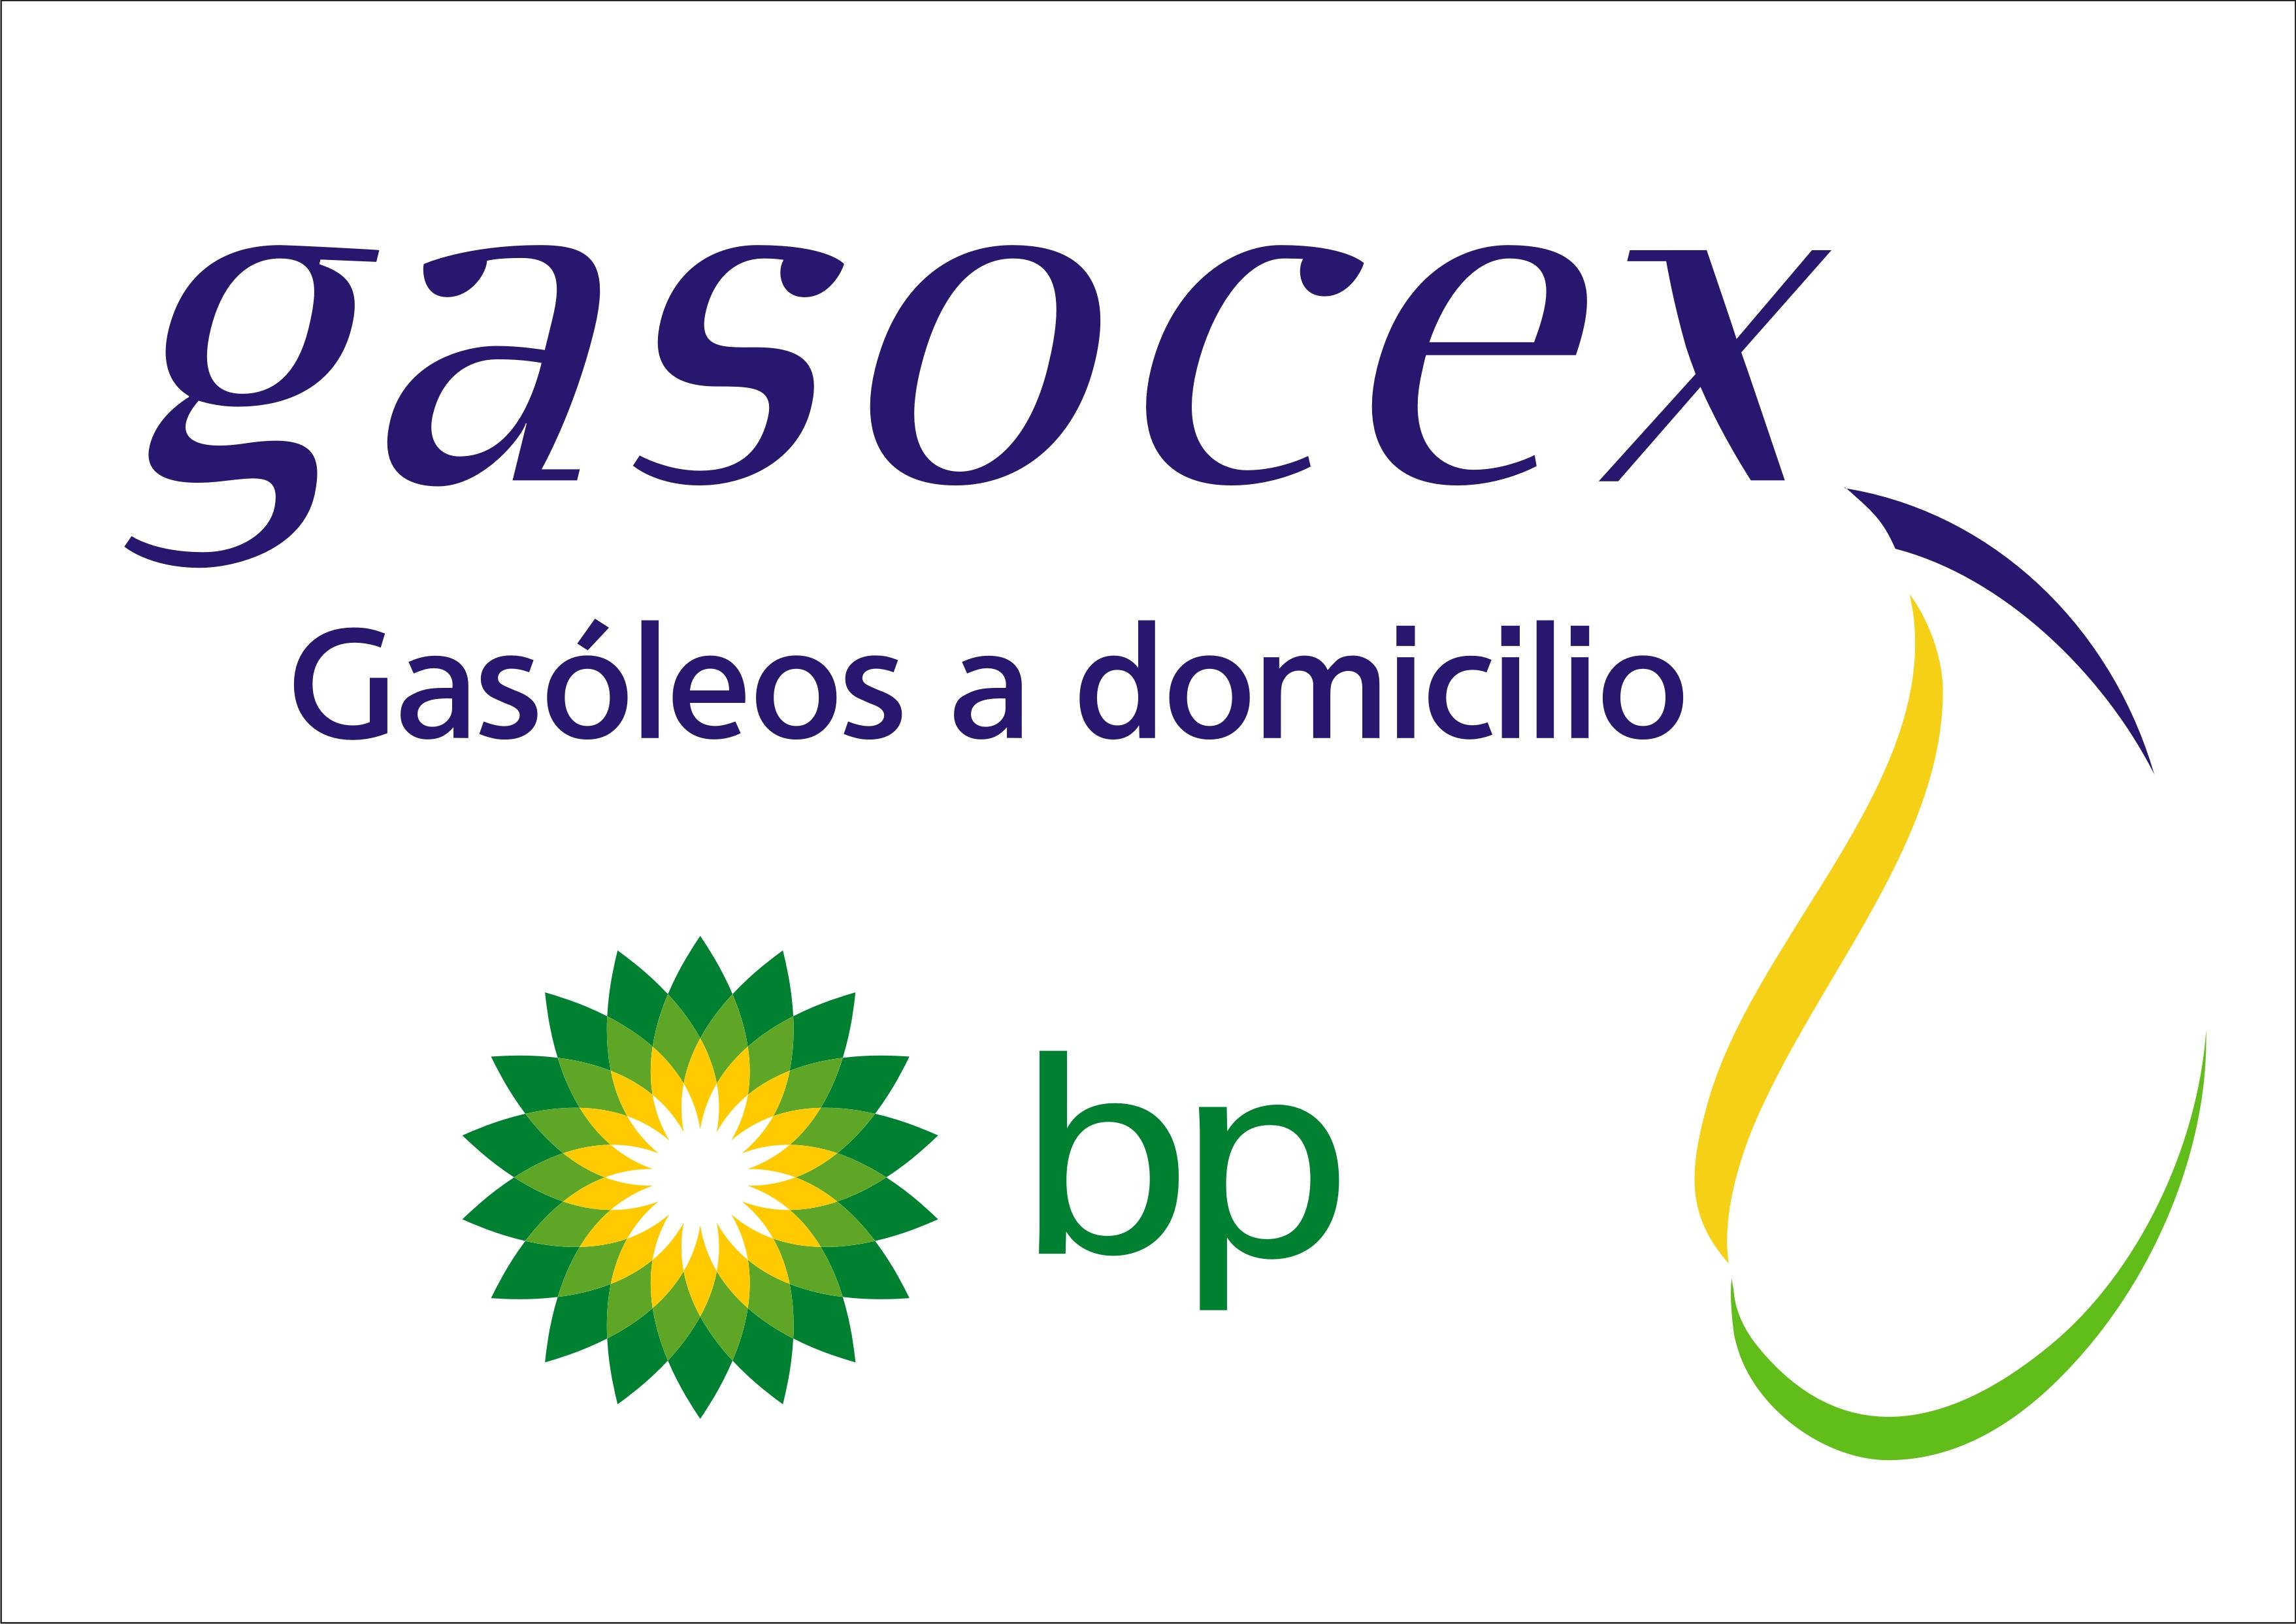 Gasocex - Suministro De Gasoleo A Domicilio En La Provincia De Badajoz